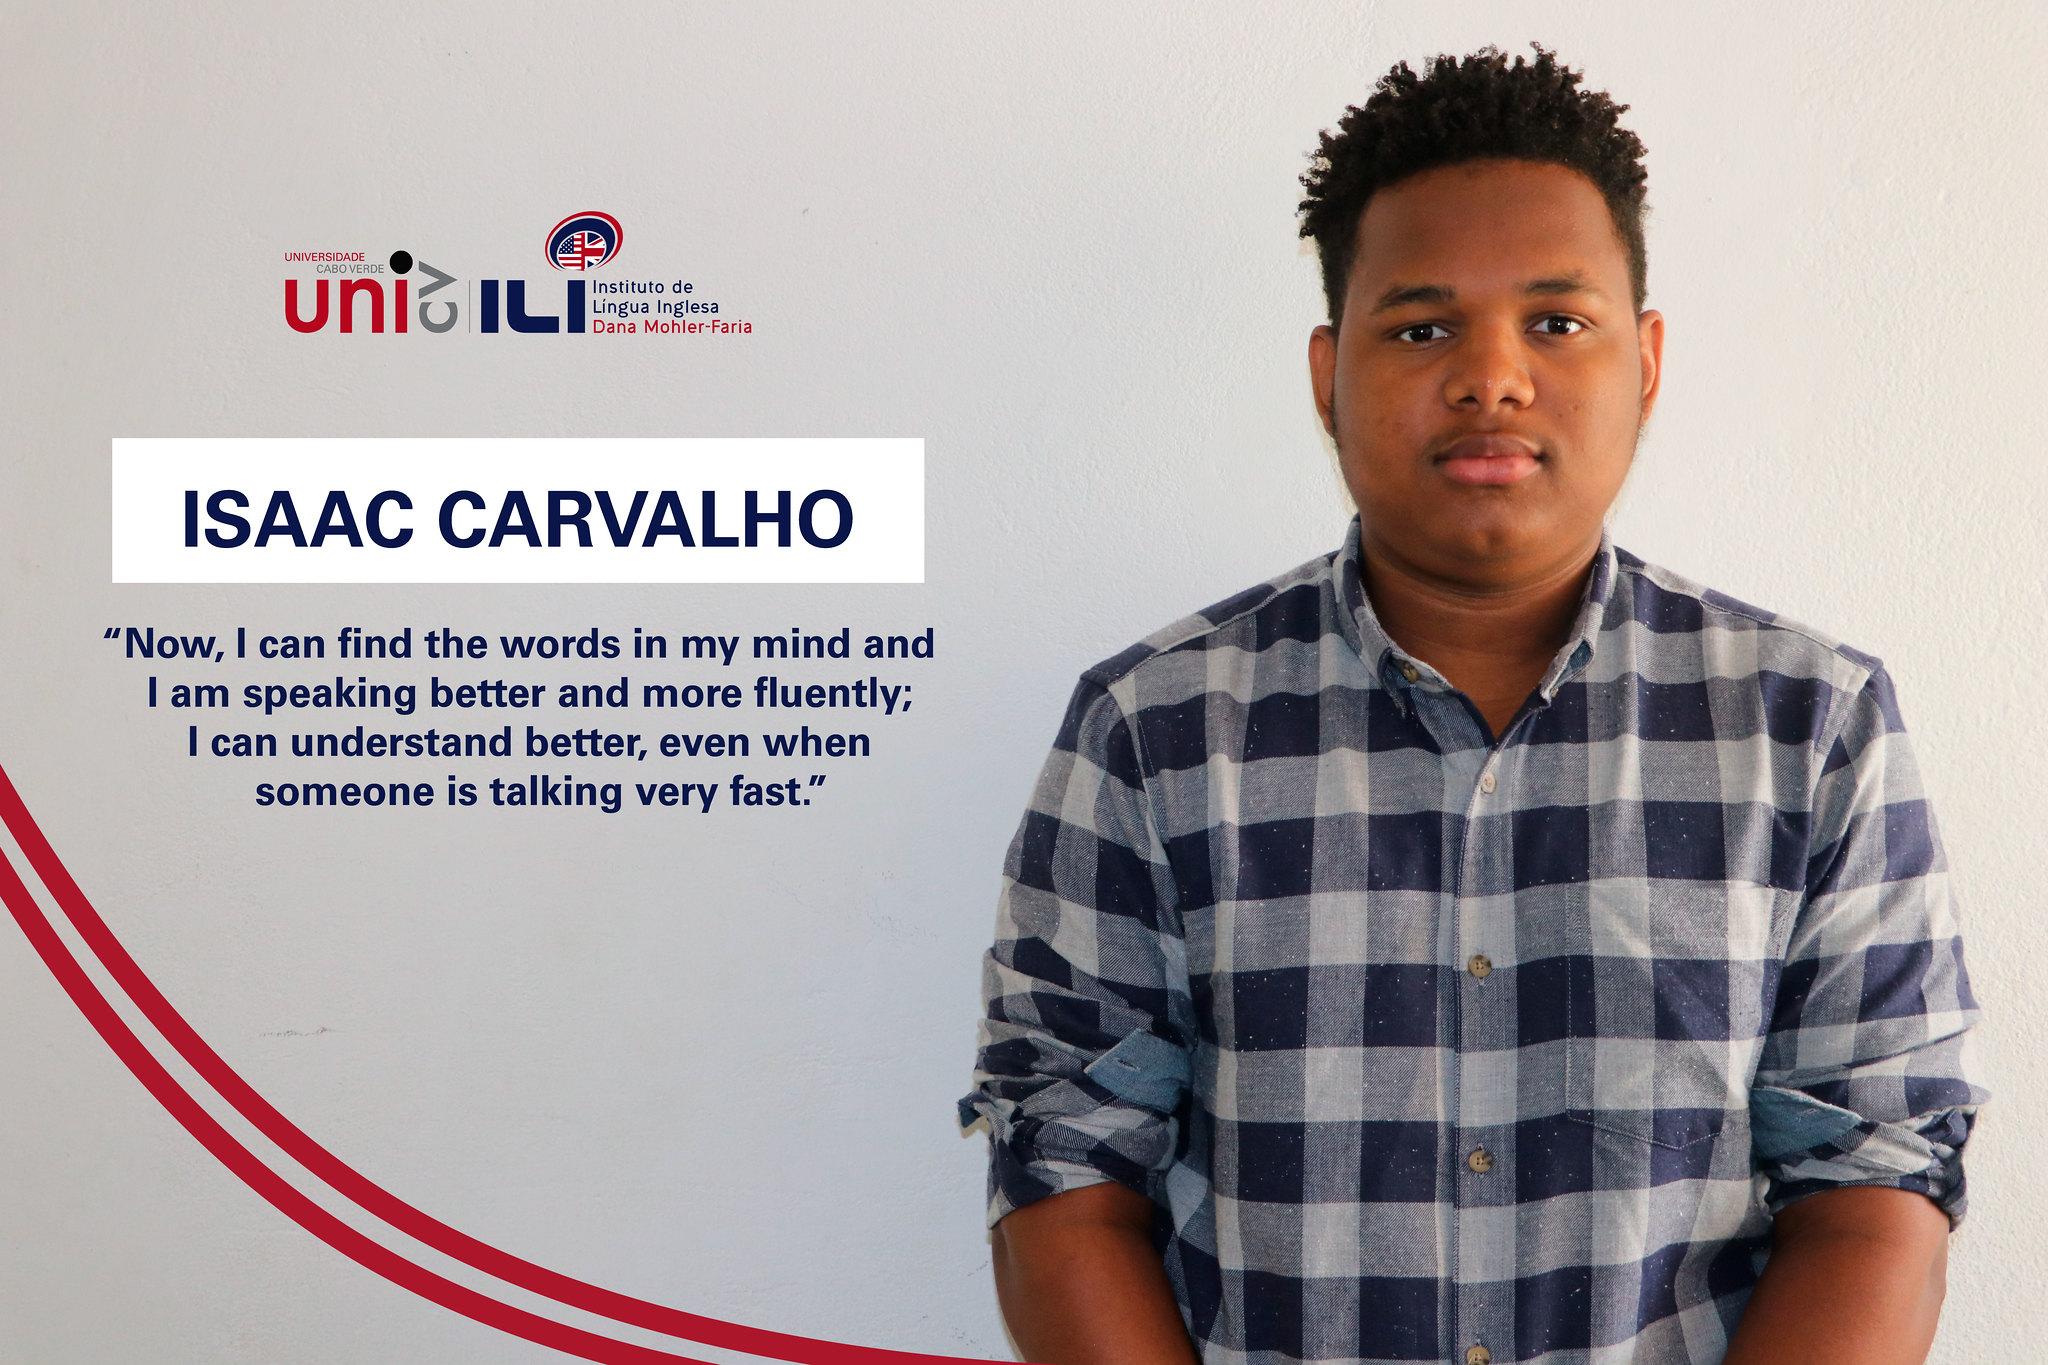 Isaac Carvalho's Testimony